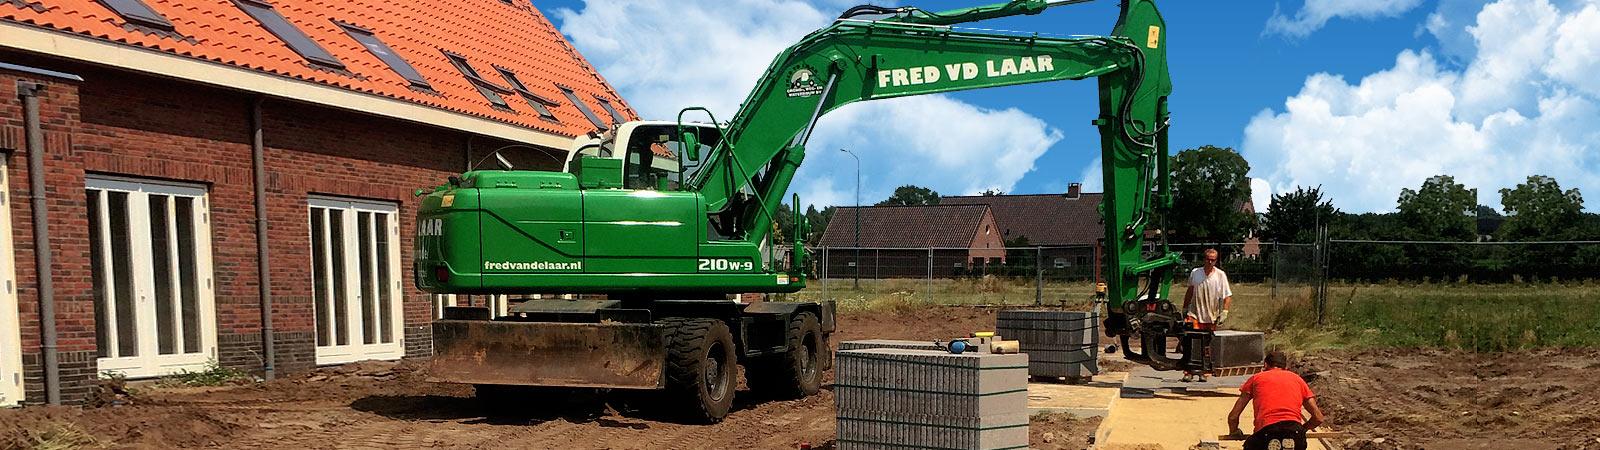 Grondverzet | Fred van de Laar Grond-, weg- en waterbouw uit Sint-Oedenrode